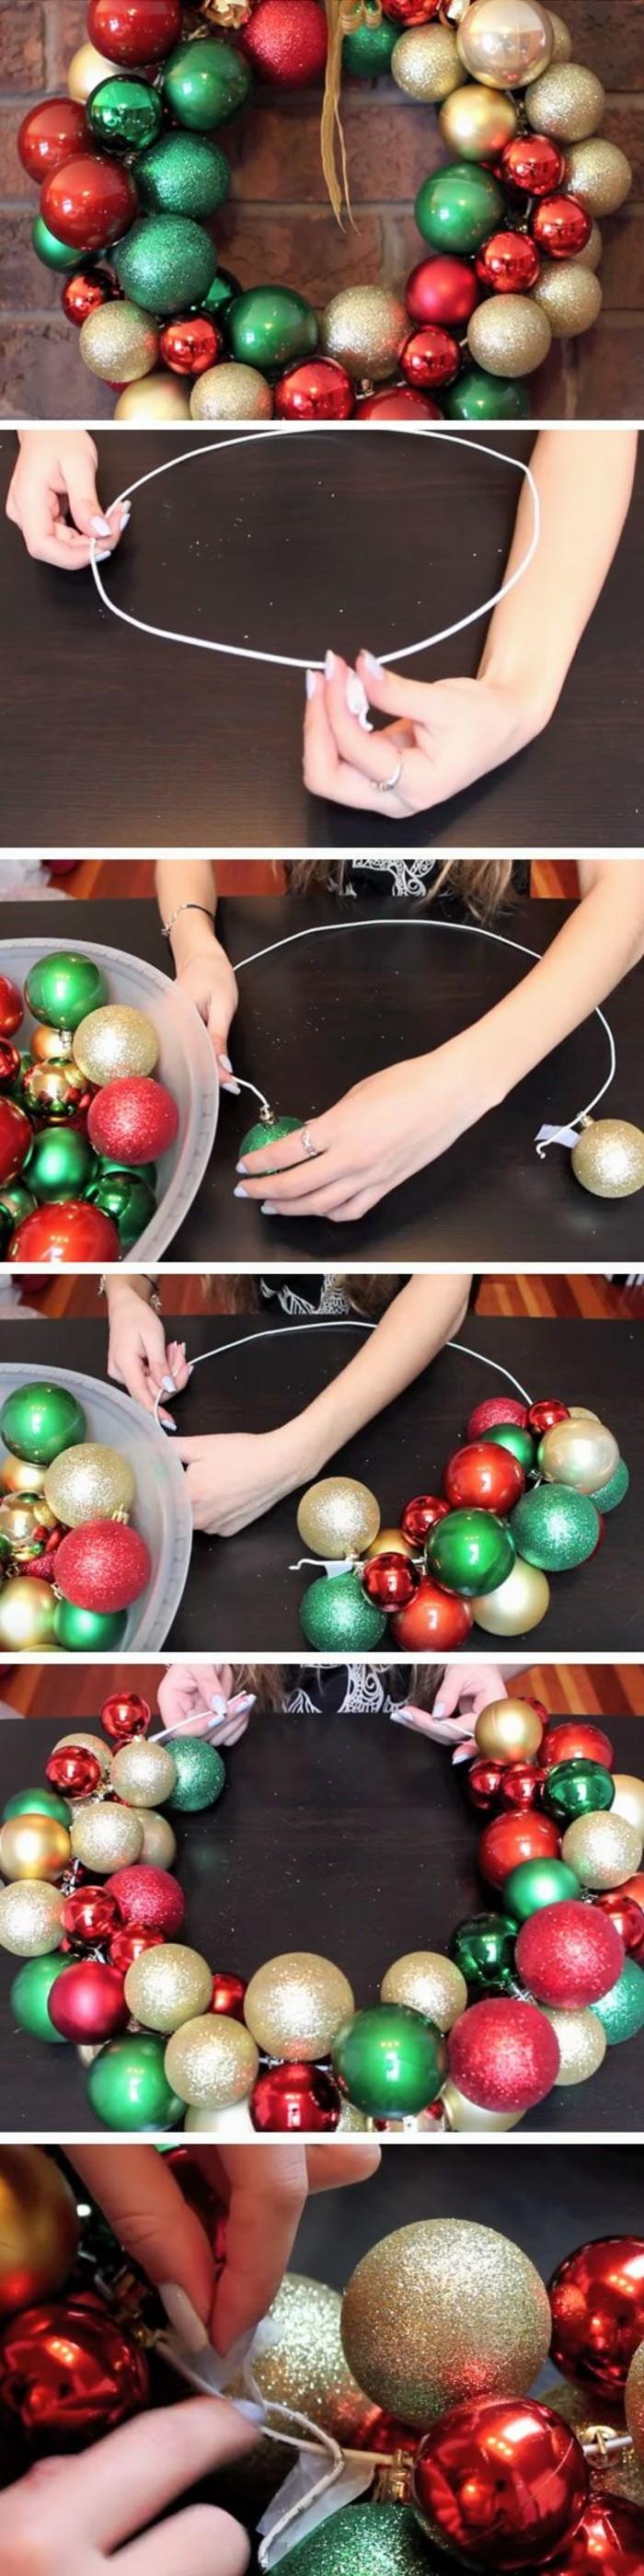 10-tuerkraenze-weihnachten-aus-gruenen-goldenen-und-roten-weihnachtskugeln